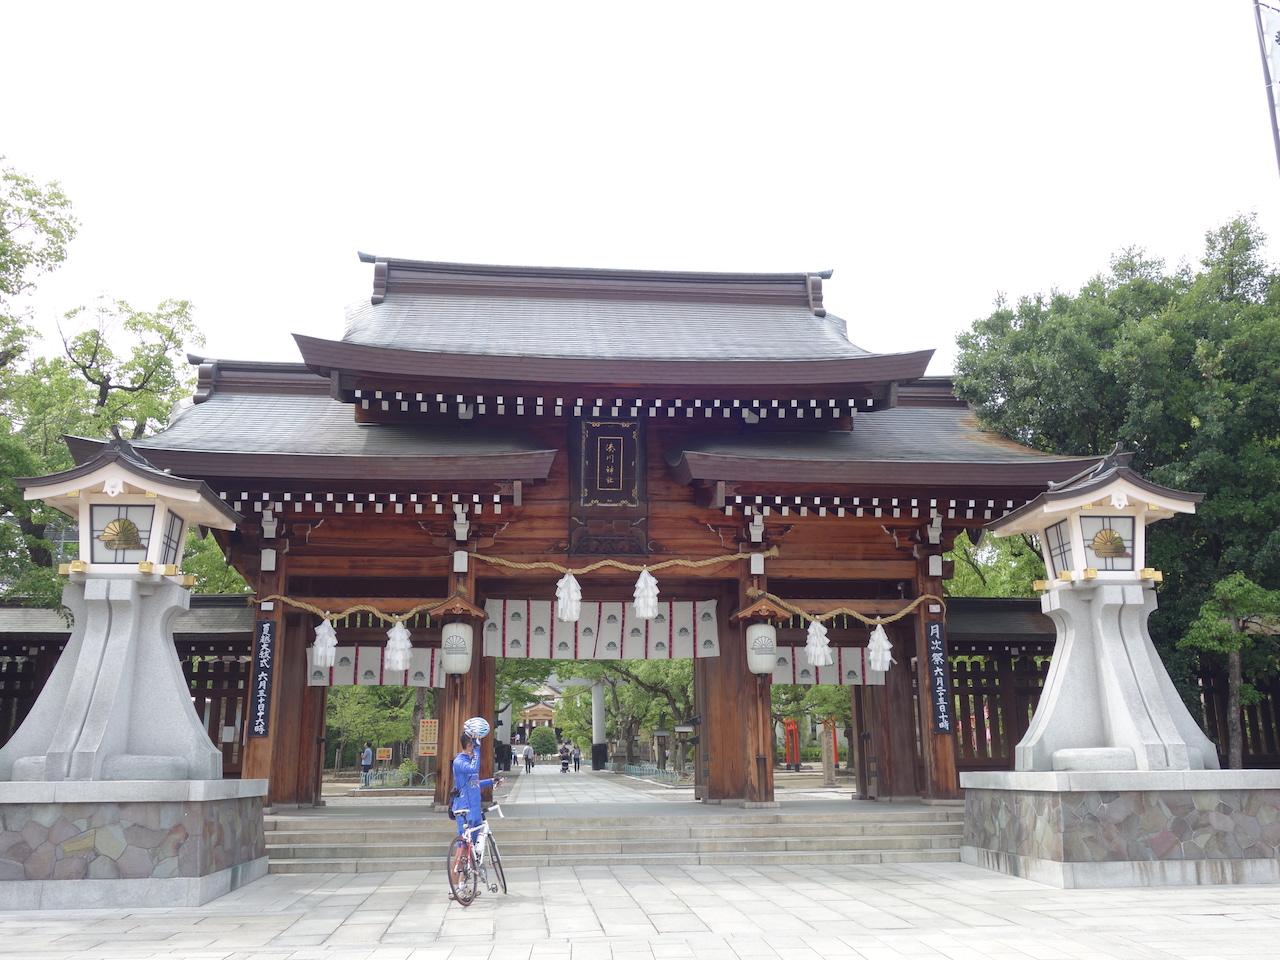 大都会神戸!ムリヤリ最後の観光スポットにした湊川神社で結婚式してたよ!